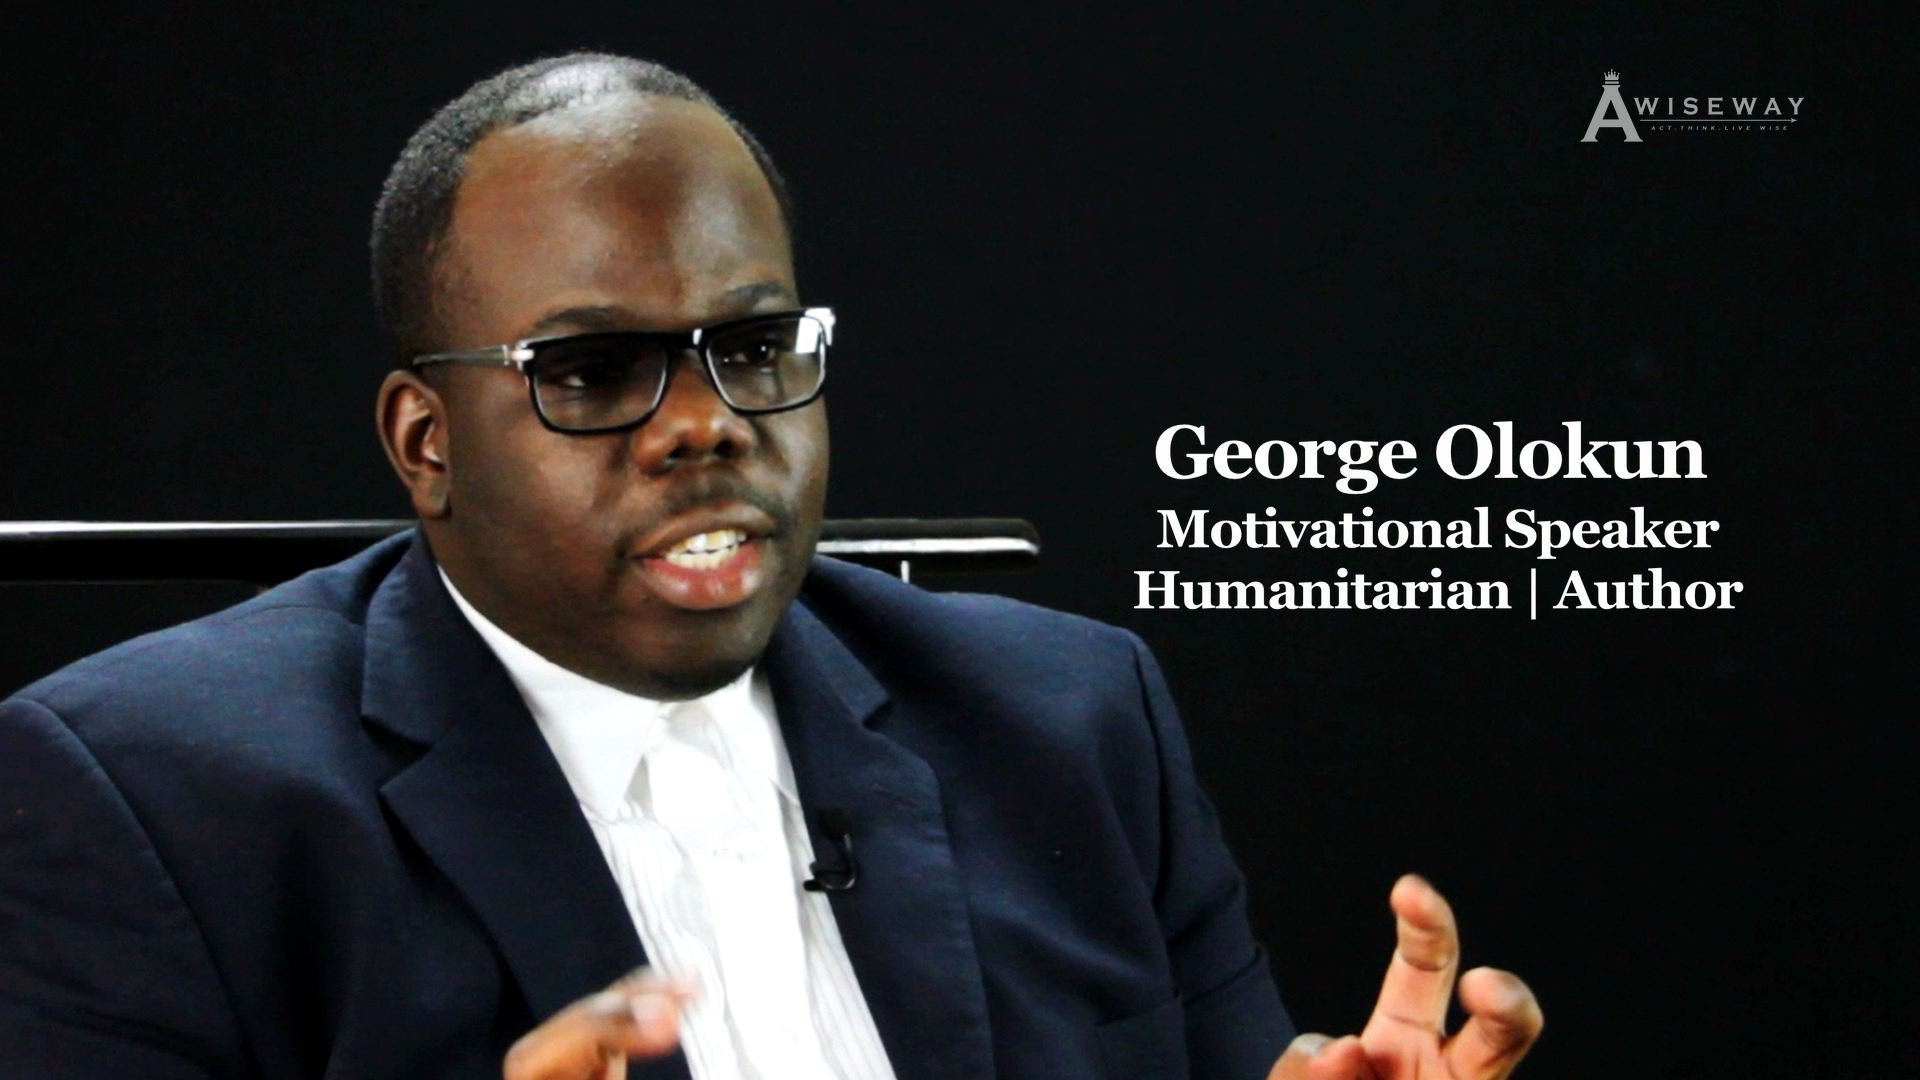 Motivational Speaker Discusses His Platform to Bring Global Change